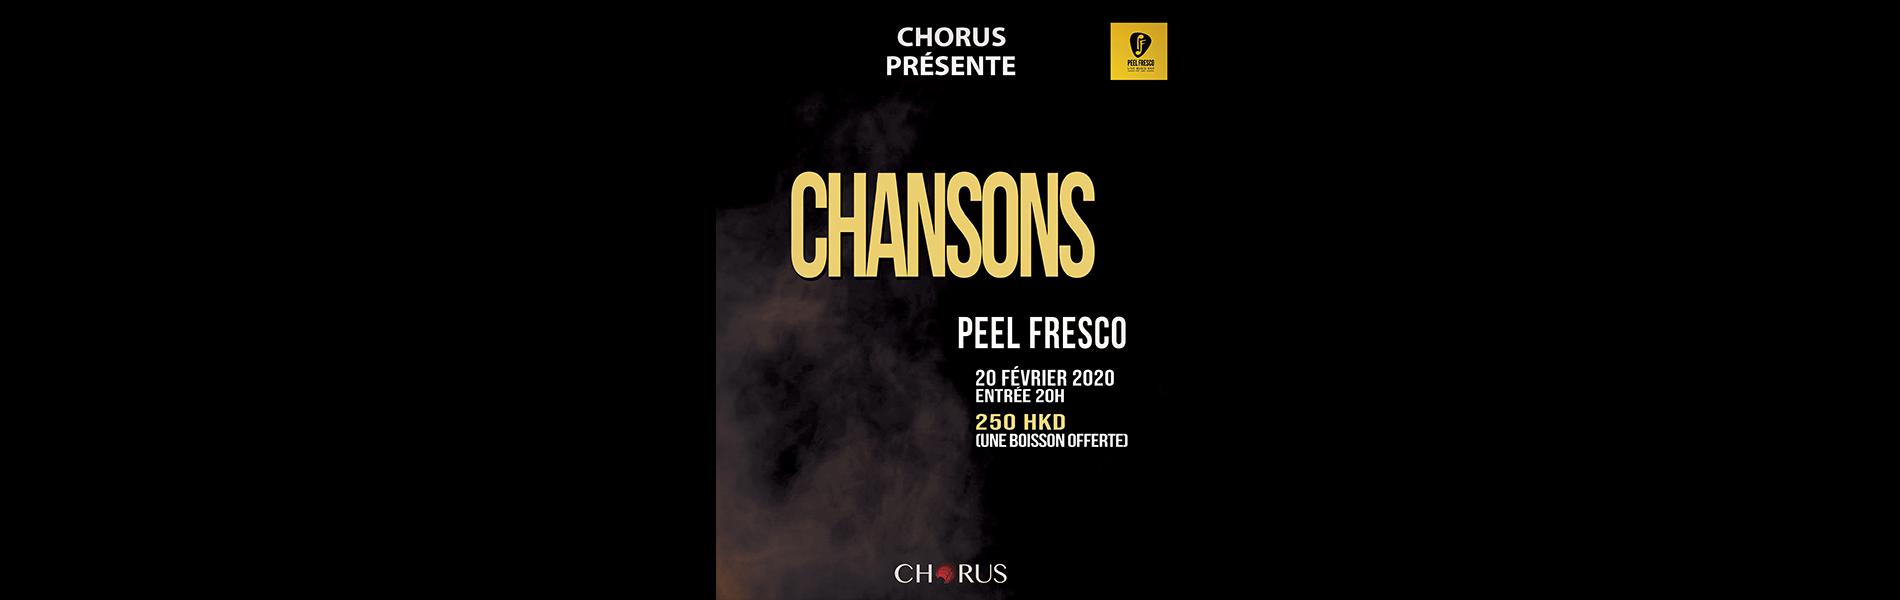 Peel Fresco 20 février 2020